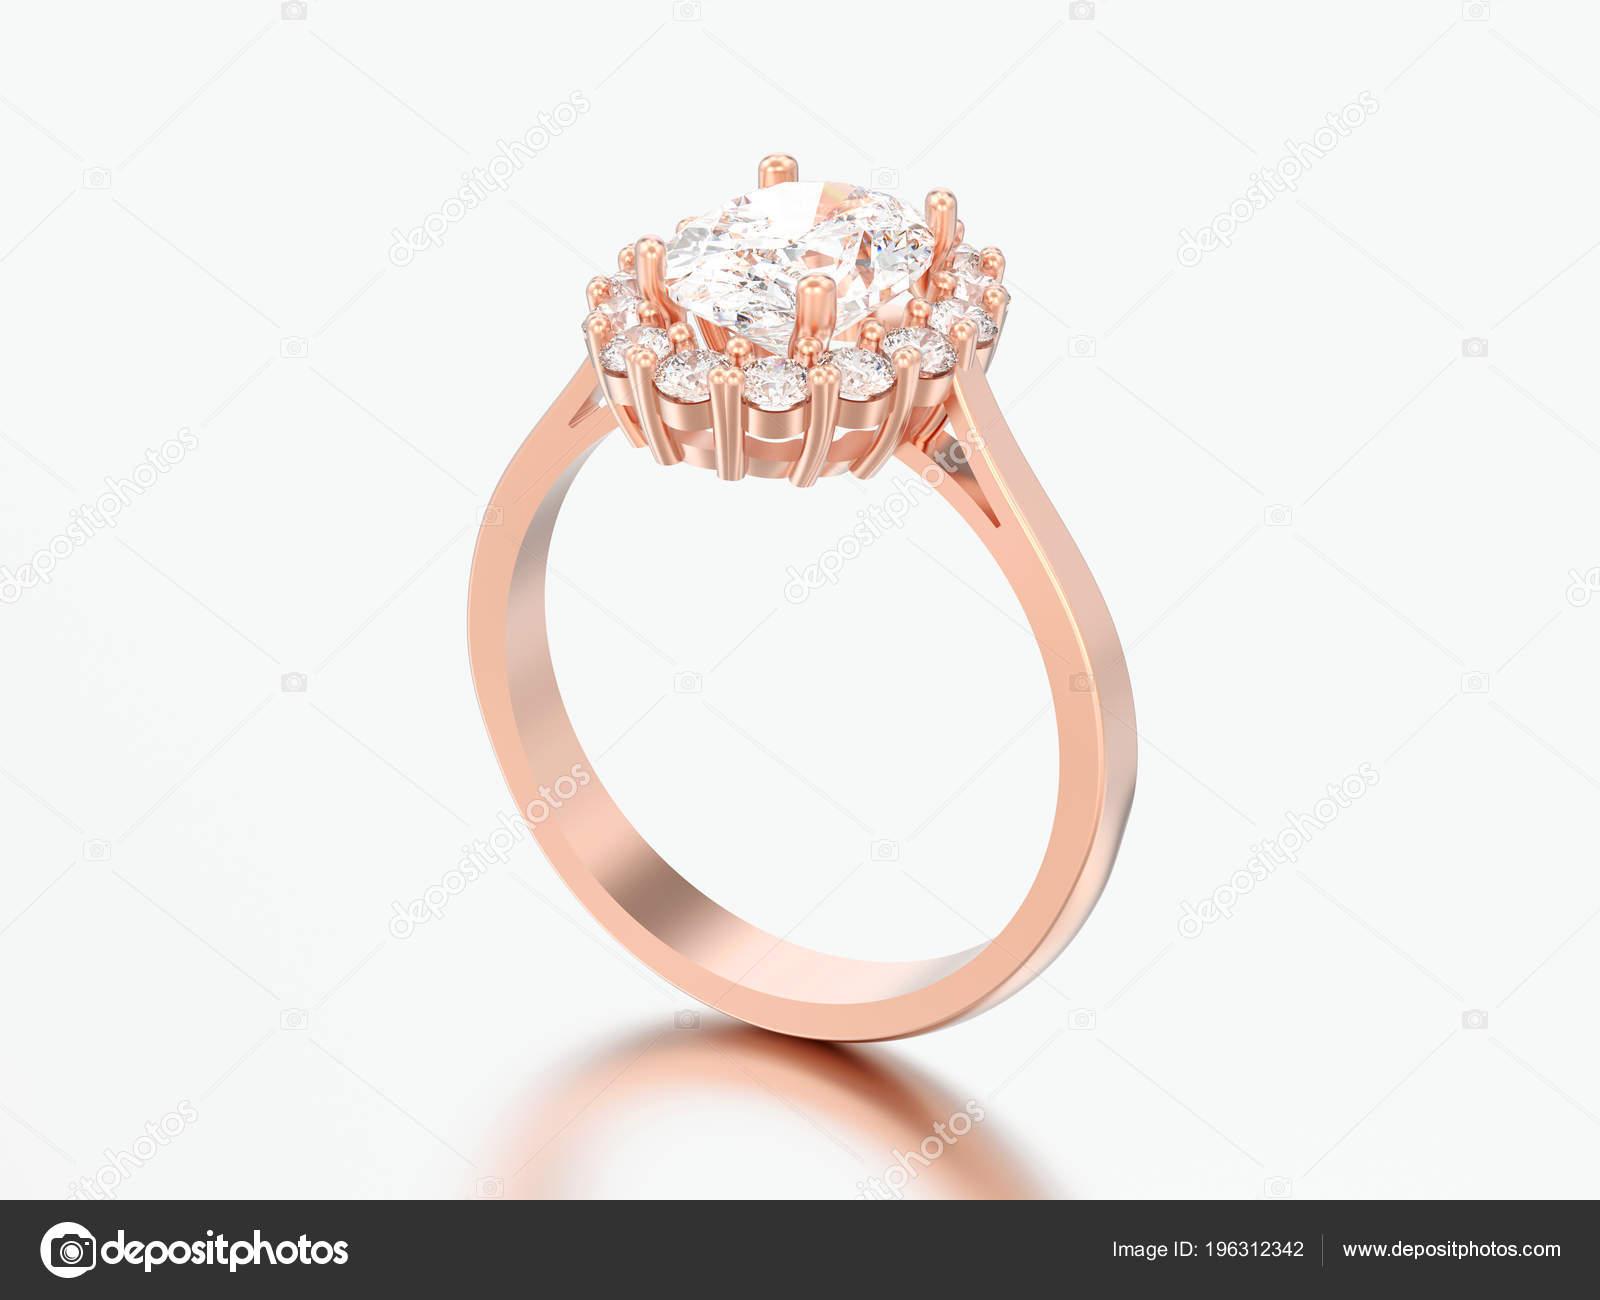 Abbildung Stieg Gold Oval Halo Diamant Verlobungsring Der Hochzeit